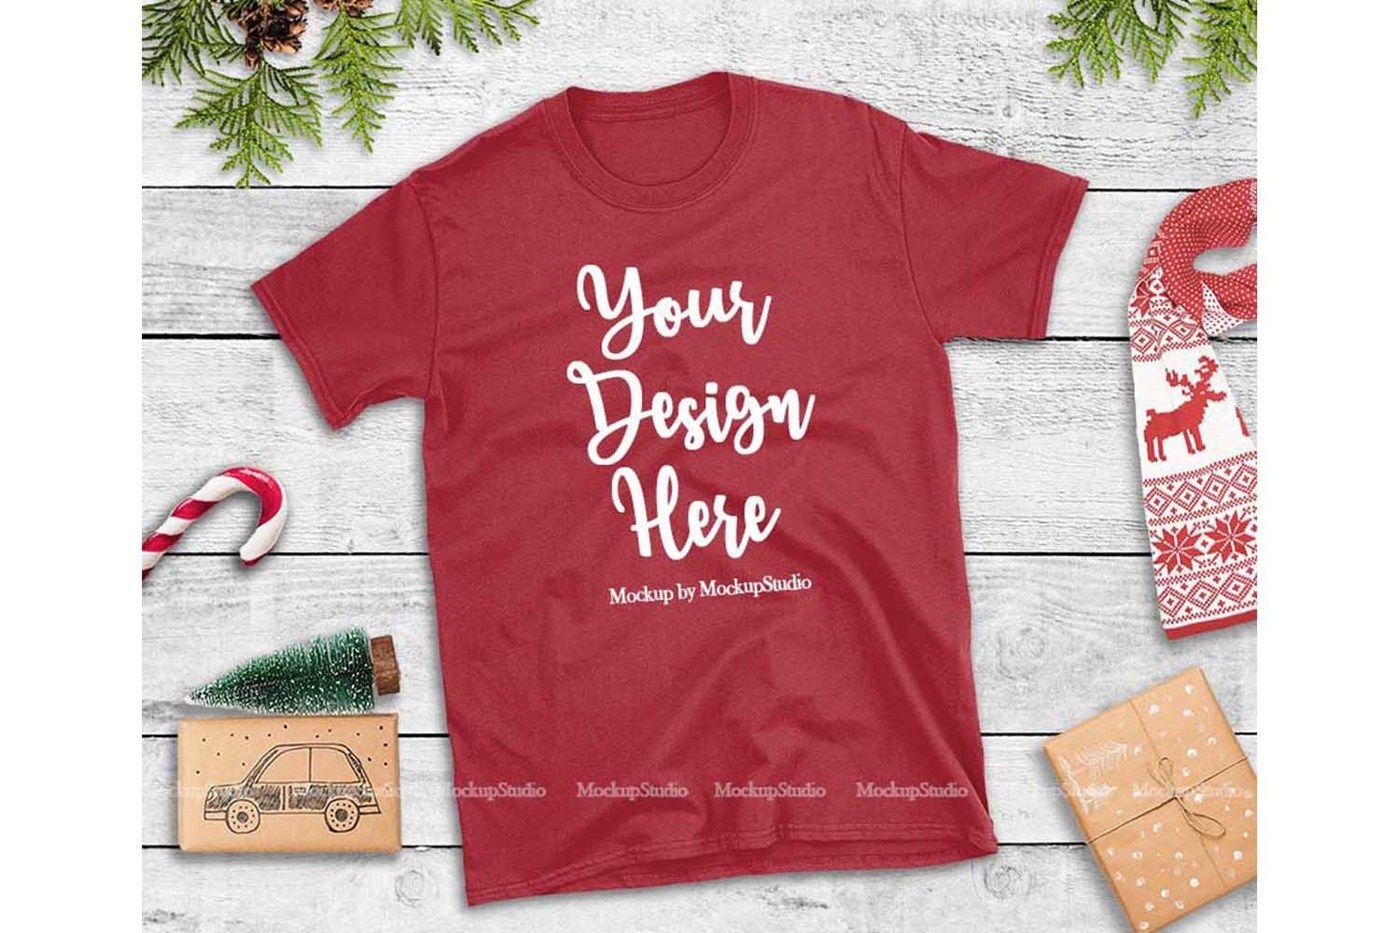 Red Christmas Tshirt Mockup Flat Lay Holiday Shirt Display By